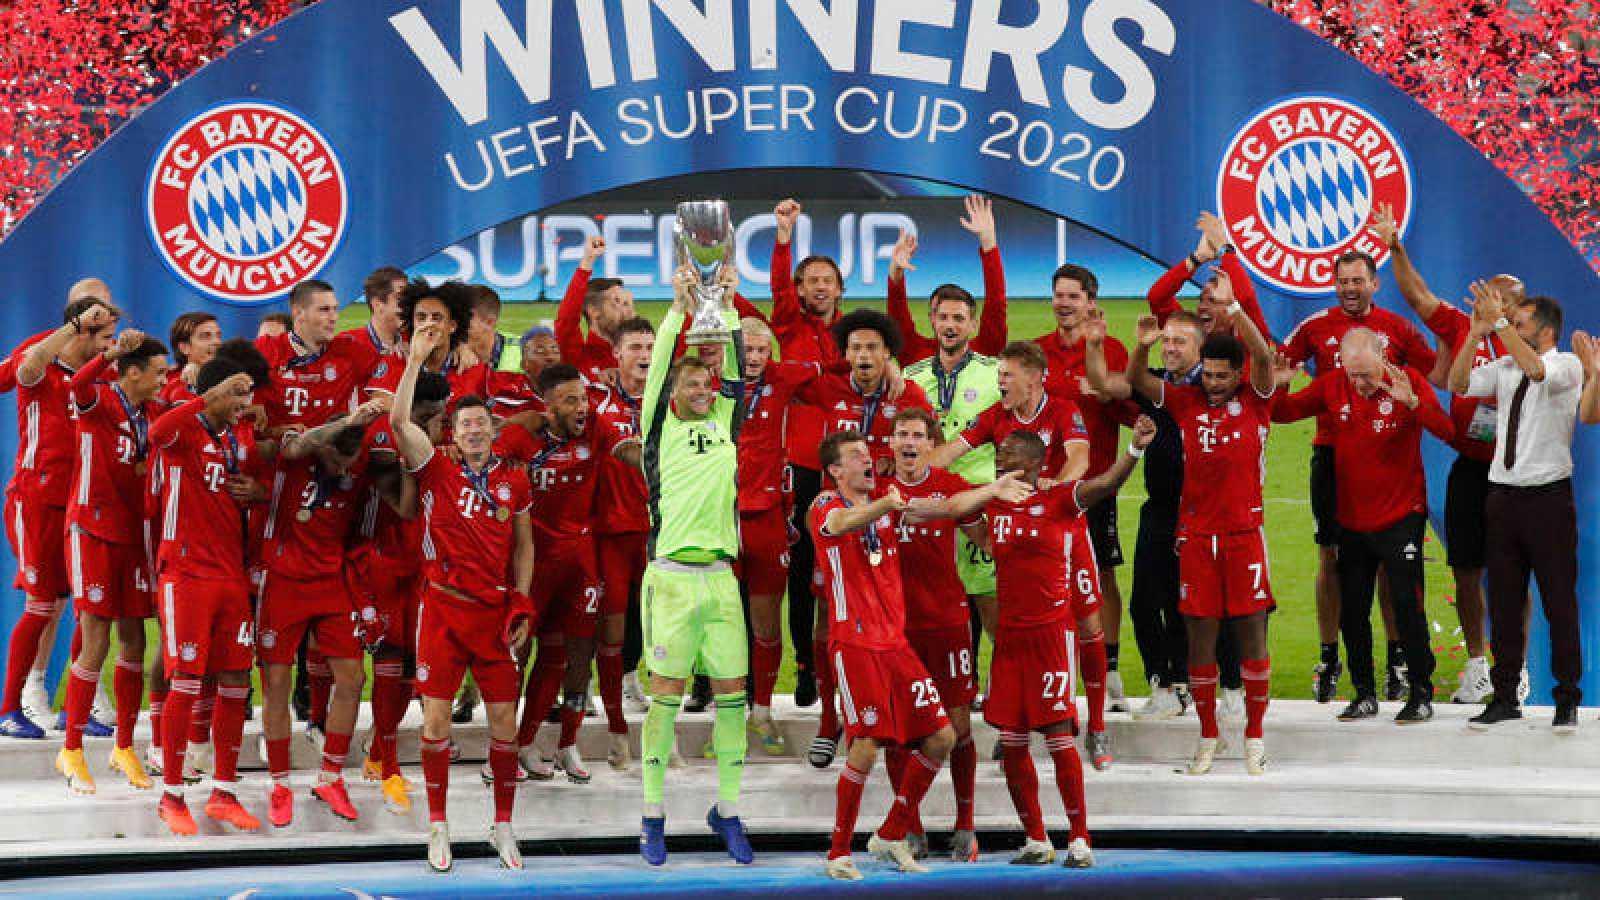 Neuer levanta la Supercopa de Europa rodeado de todos los jugadores del Bayern